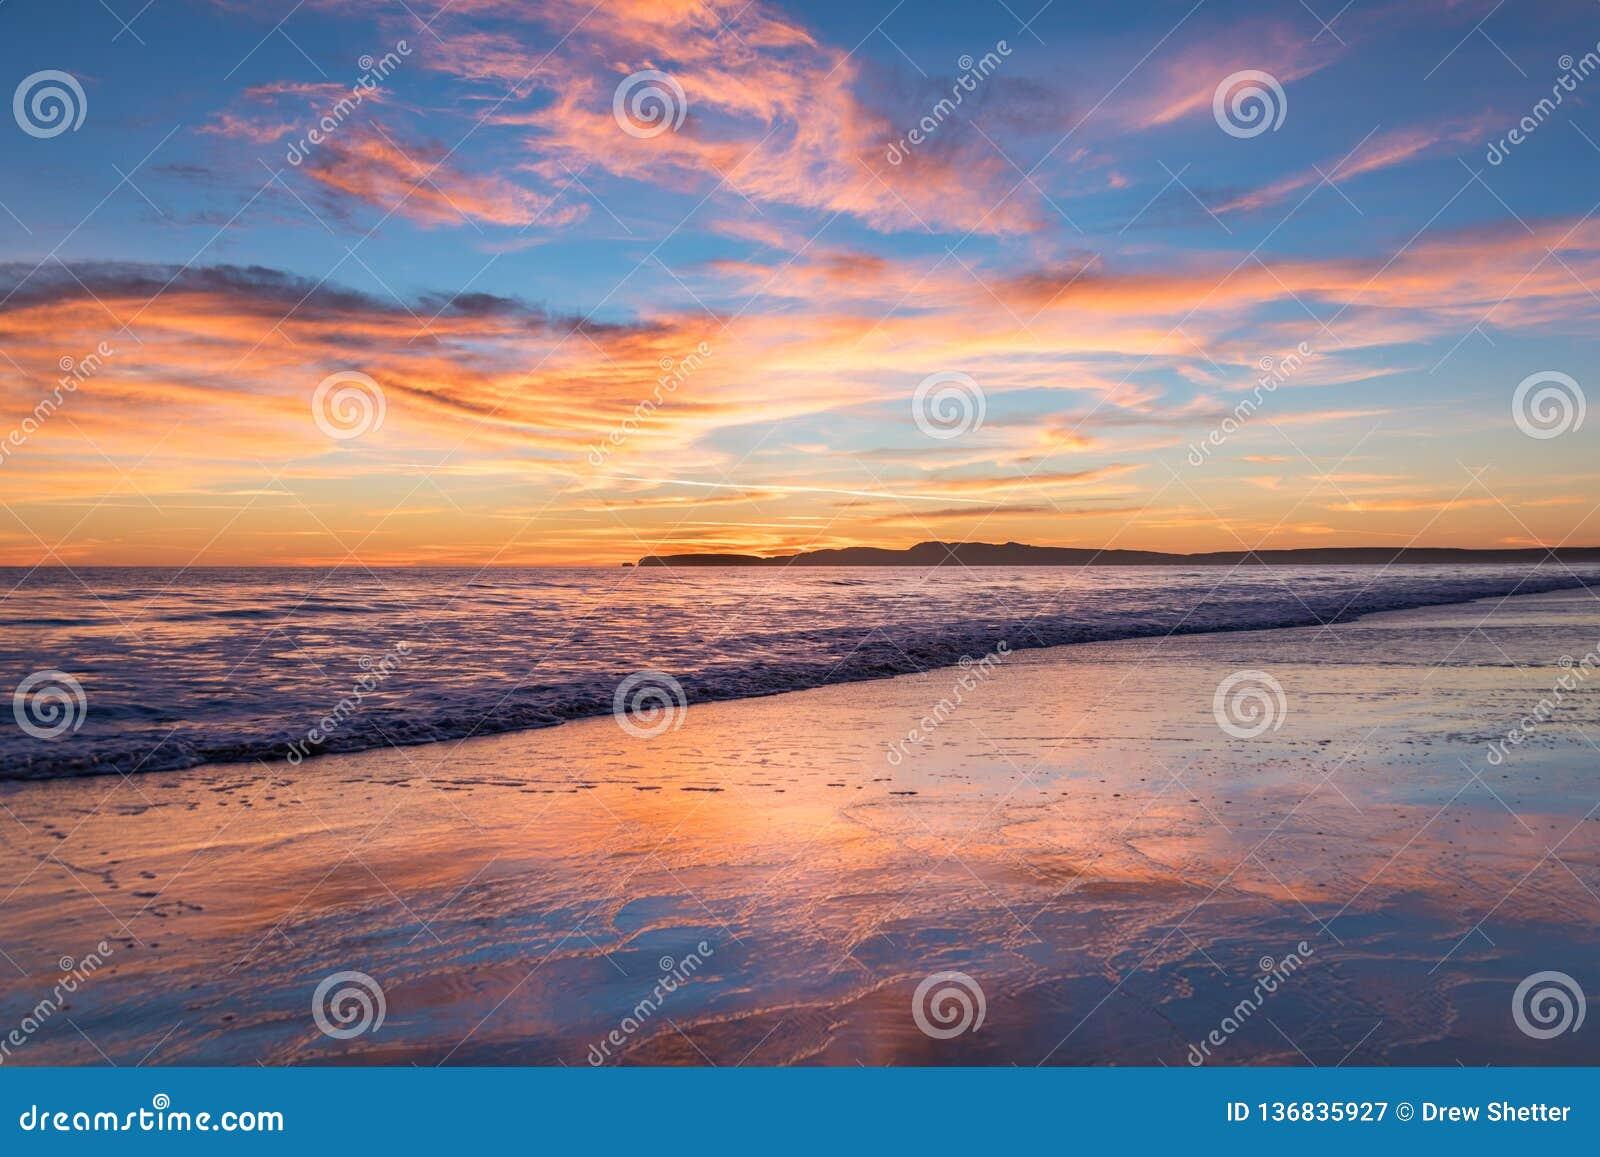 Rosa-, Orange und Blauersonnenuntergang, der den Ozean bei Limantour, Kalifornien übersieht